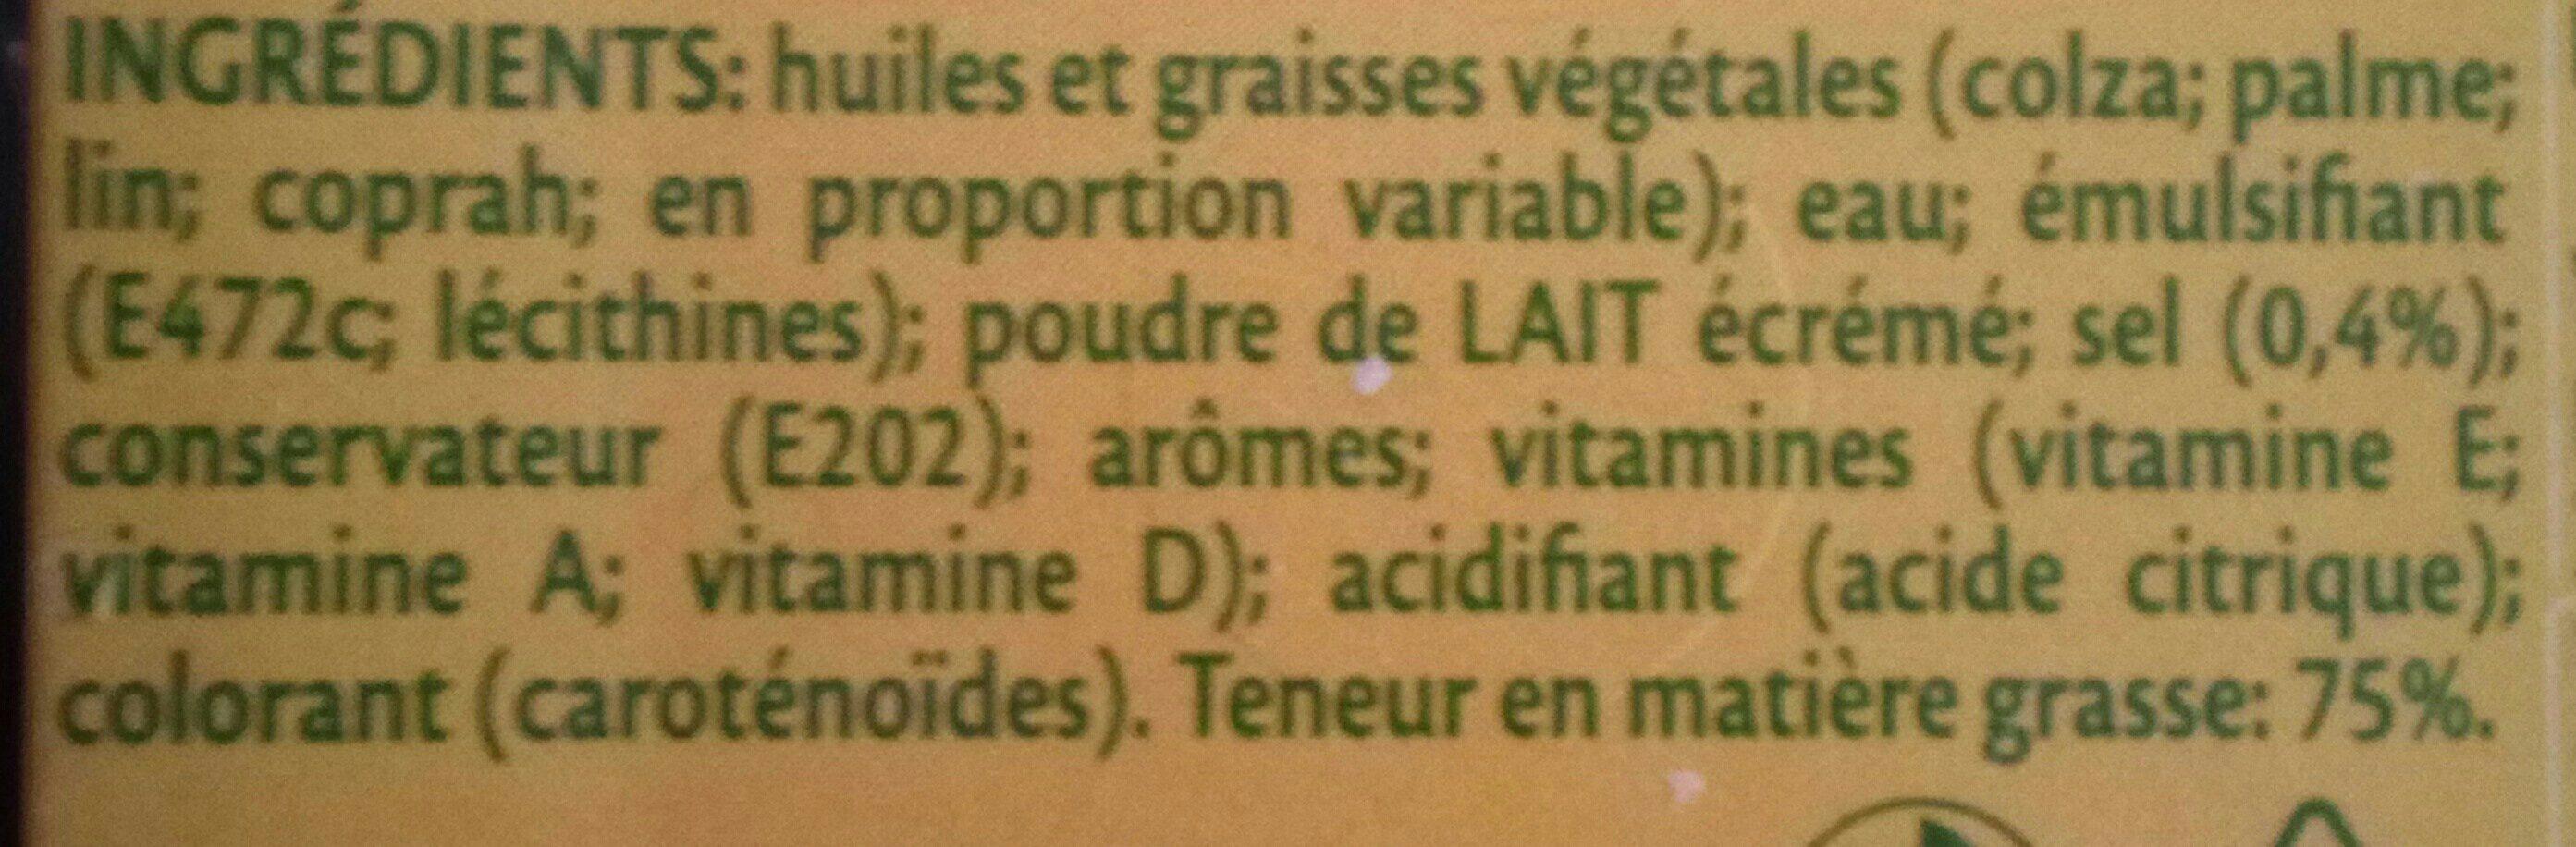 Cuire & Rotir Oméga 3 - Ingrediënten